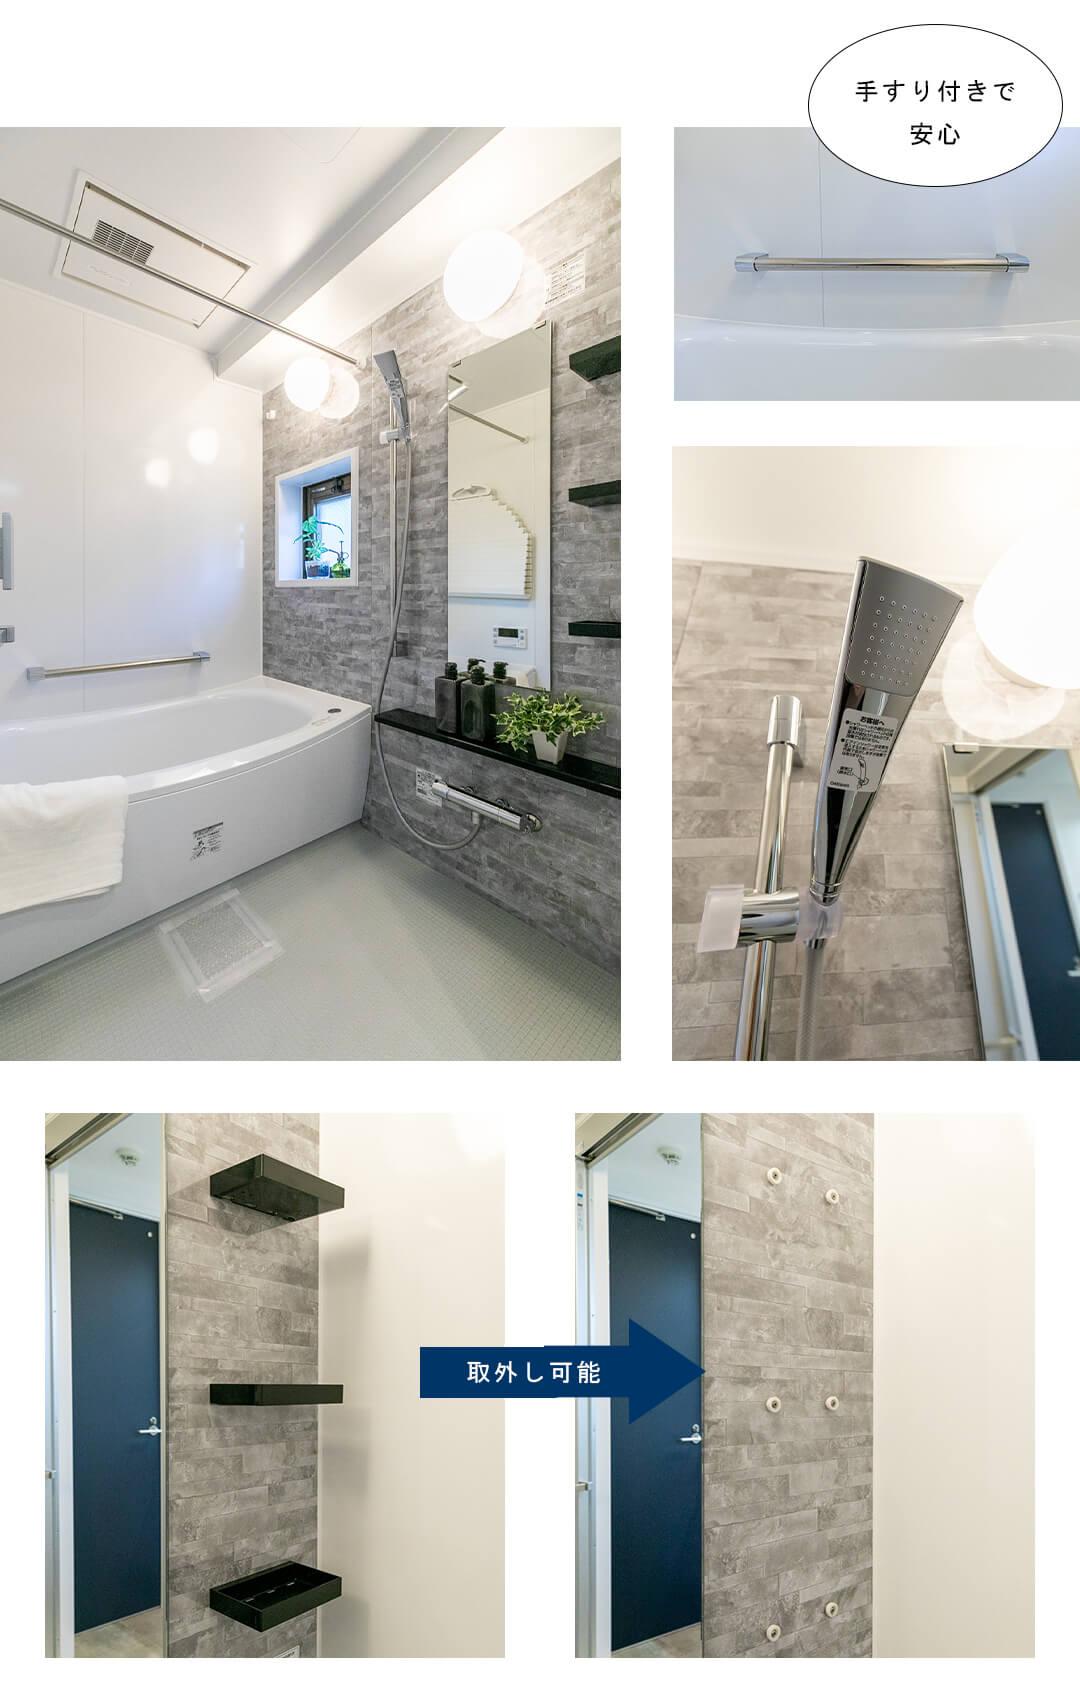 モナークマンション武蔵小杉Ⅱプラチナコートの浴室